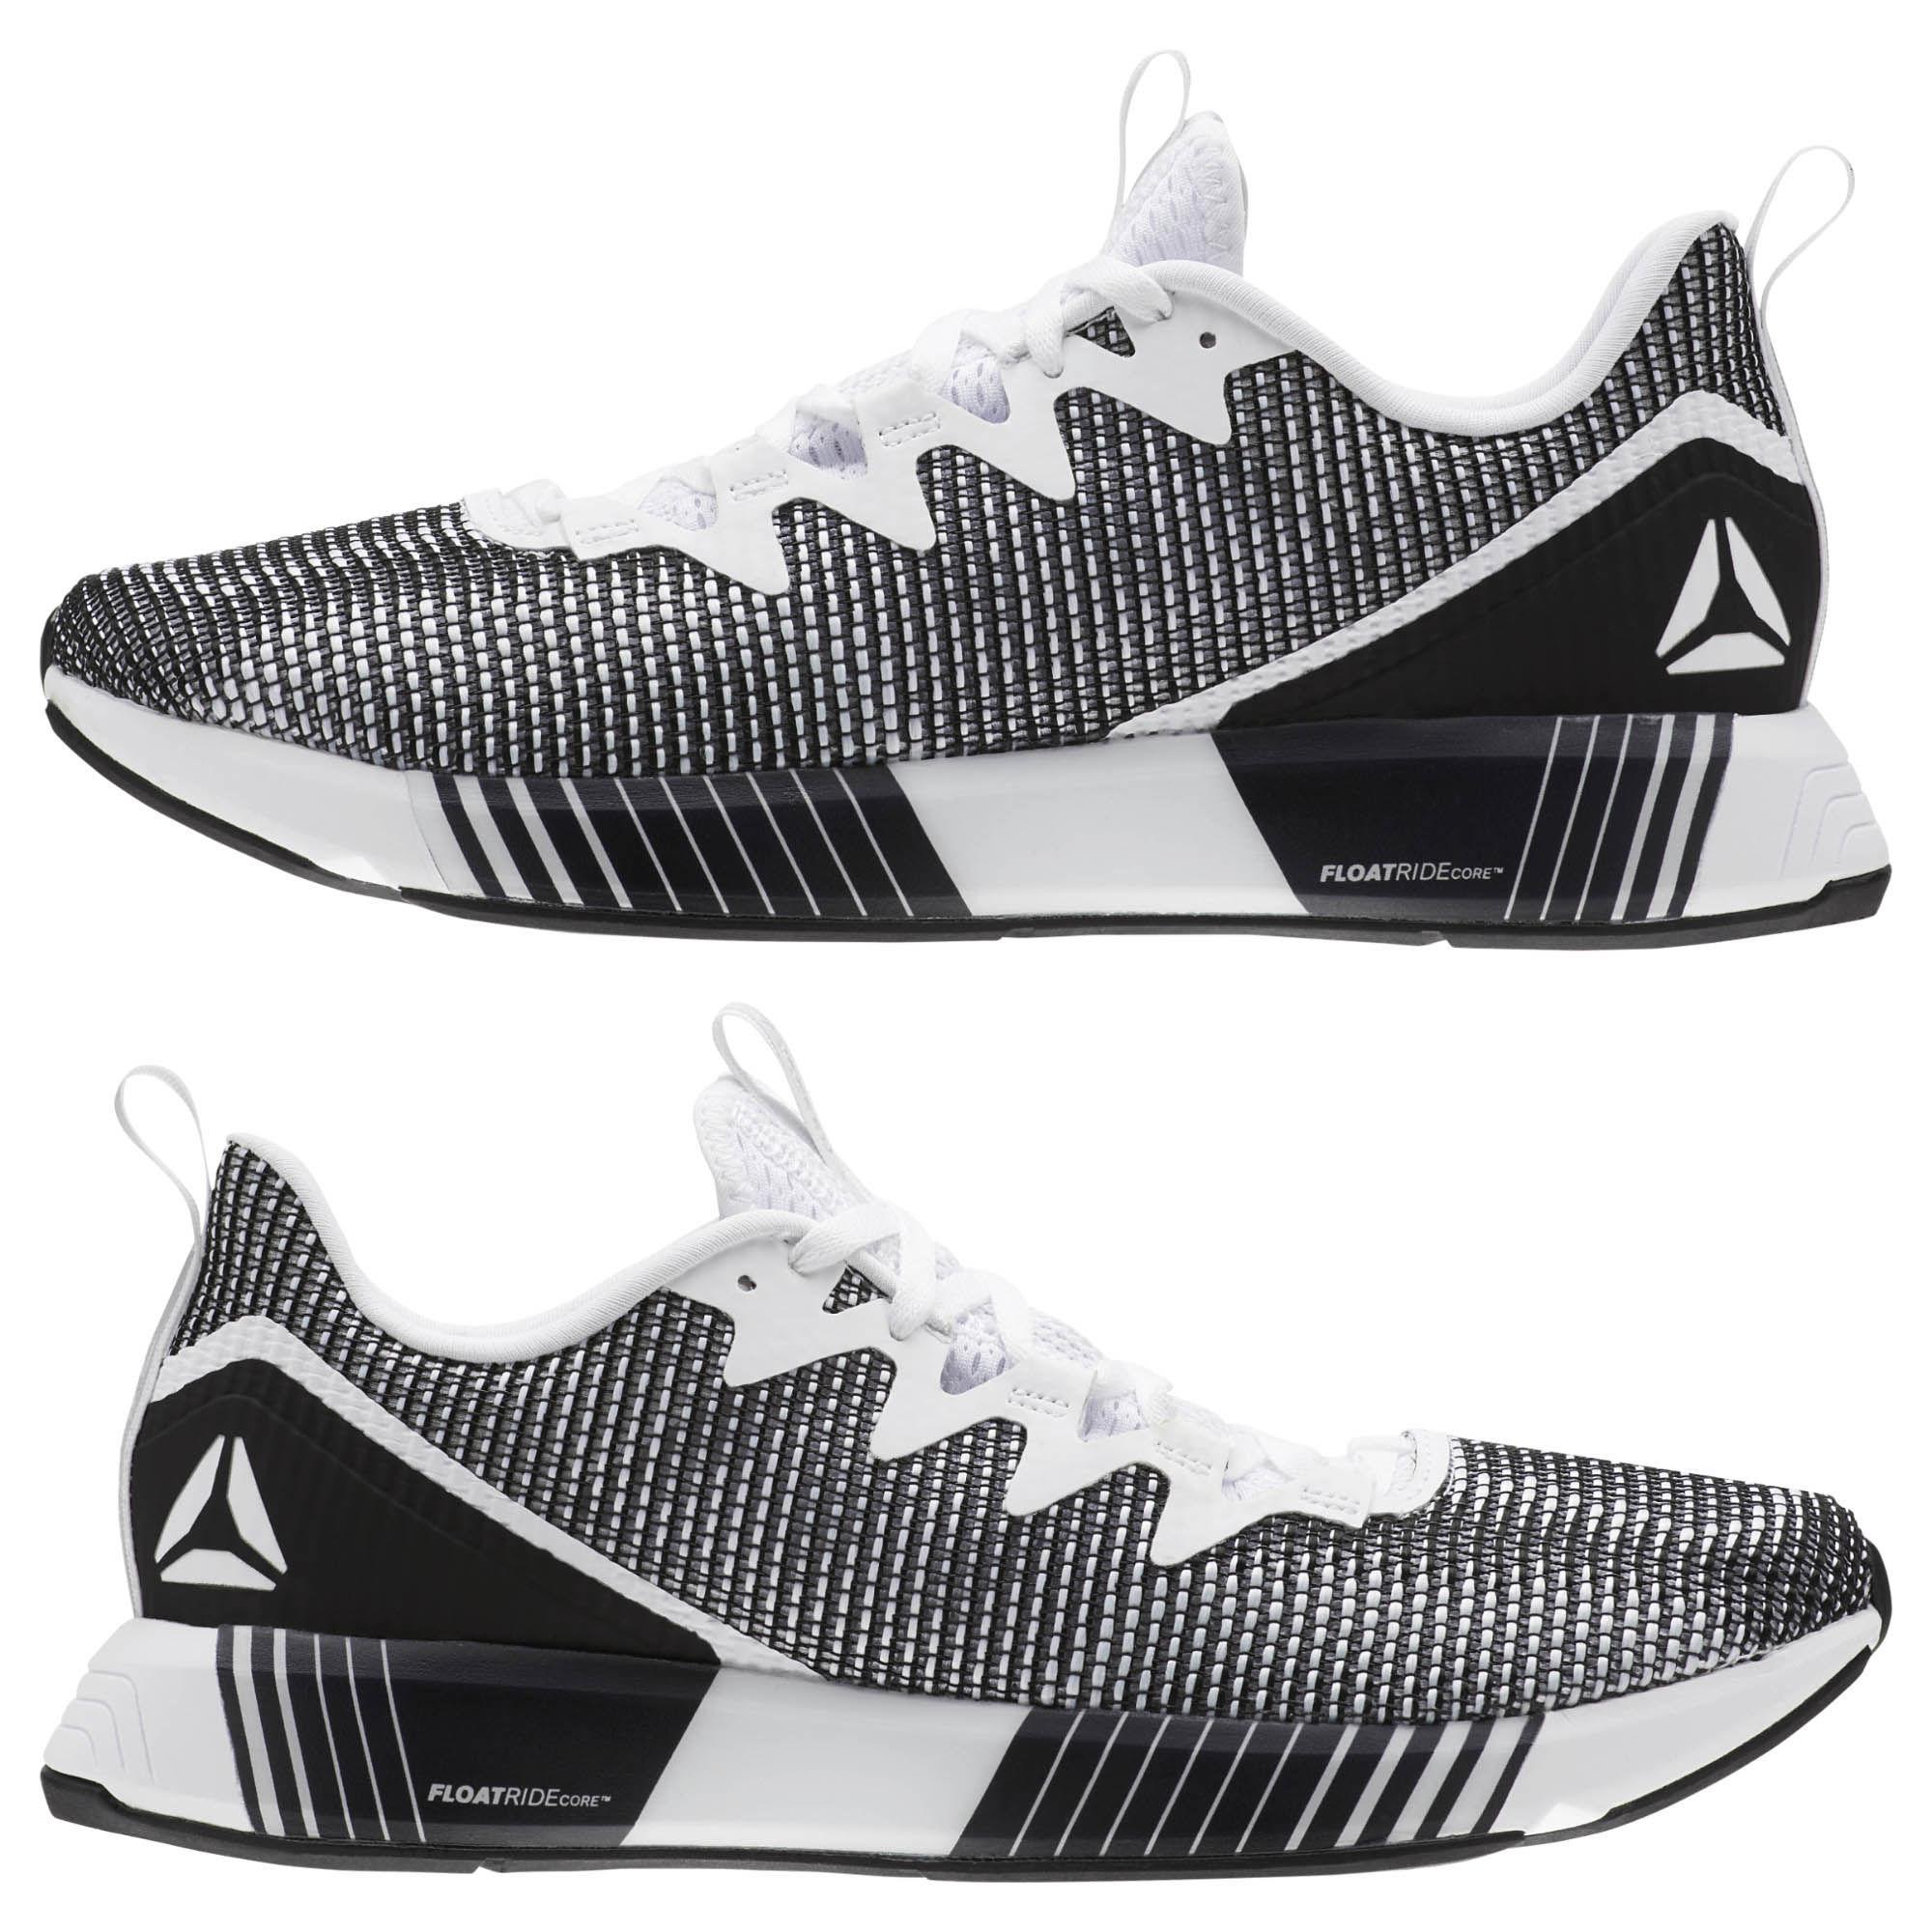 Reebok Fusion Flexweave Laufschuhe Herren White/Skull Grey/Black im im im Online Shop von SportScheck kaufen Gute Qualität beliebte Schuhe a52d7f